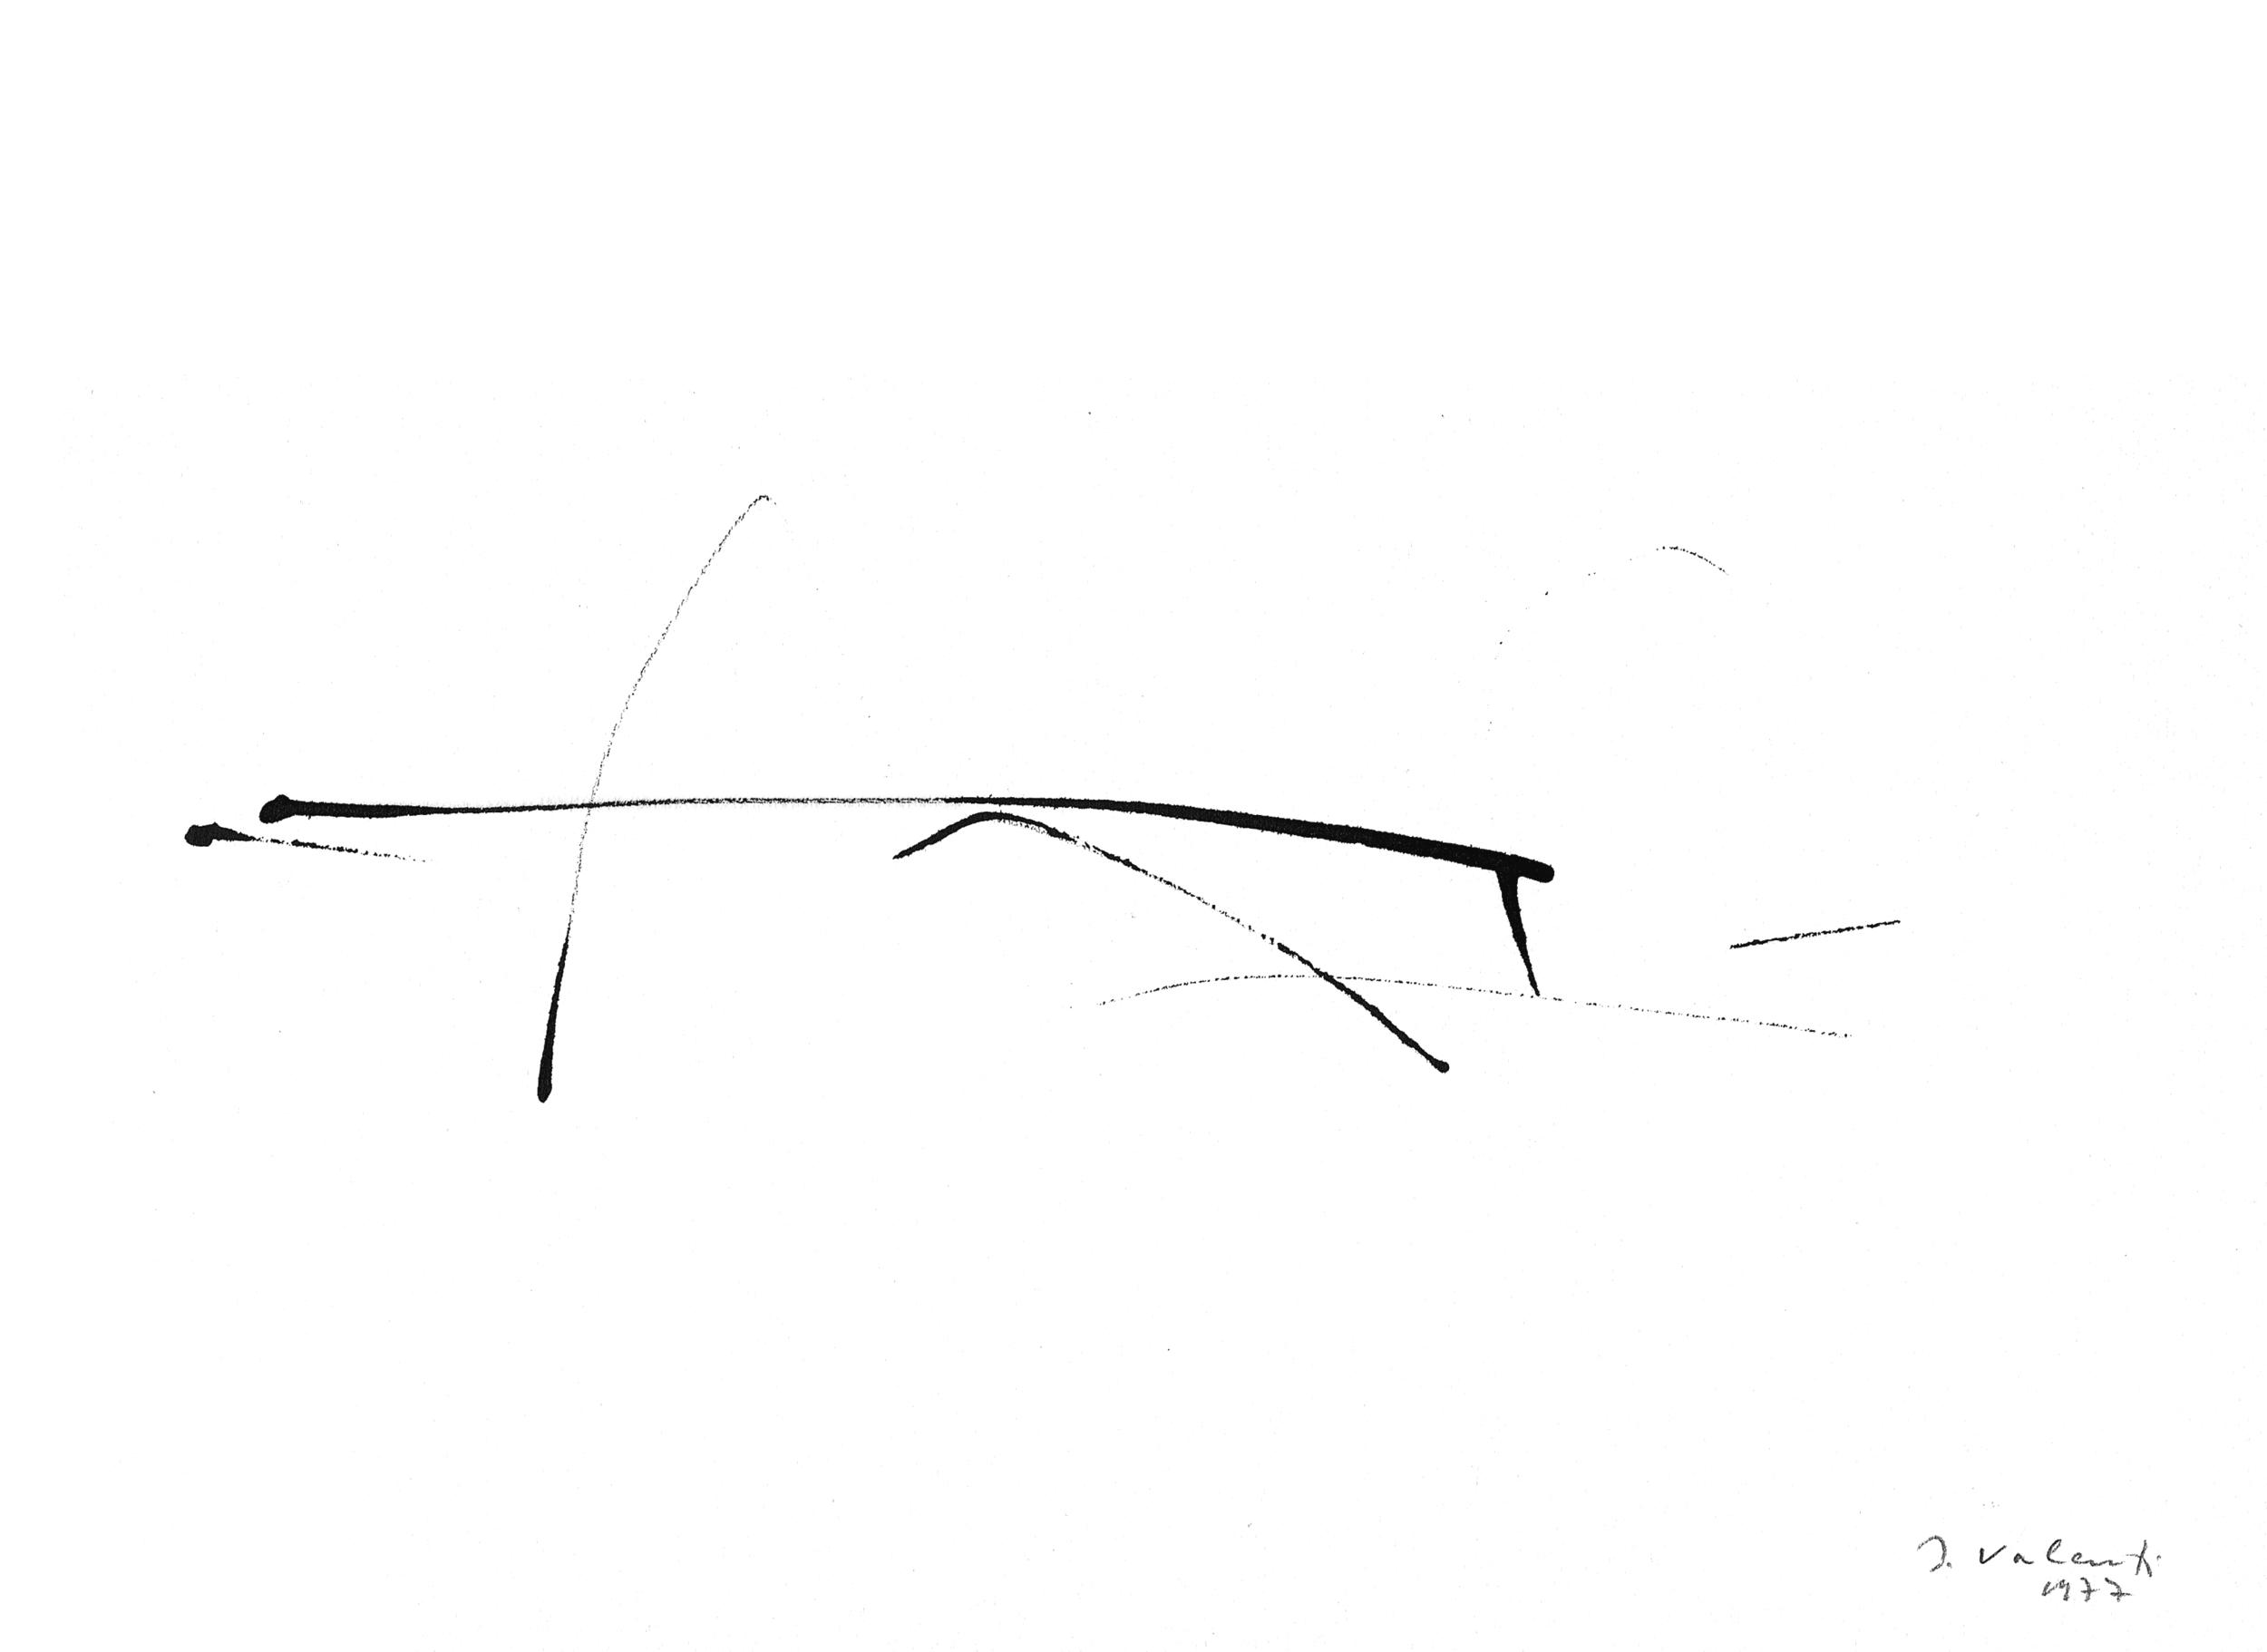 Orizzonti 1977 cm21x29,5 Inchiostro di china su carta.jpg